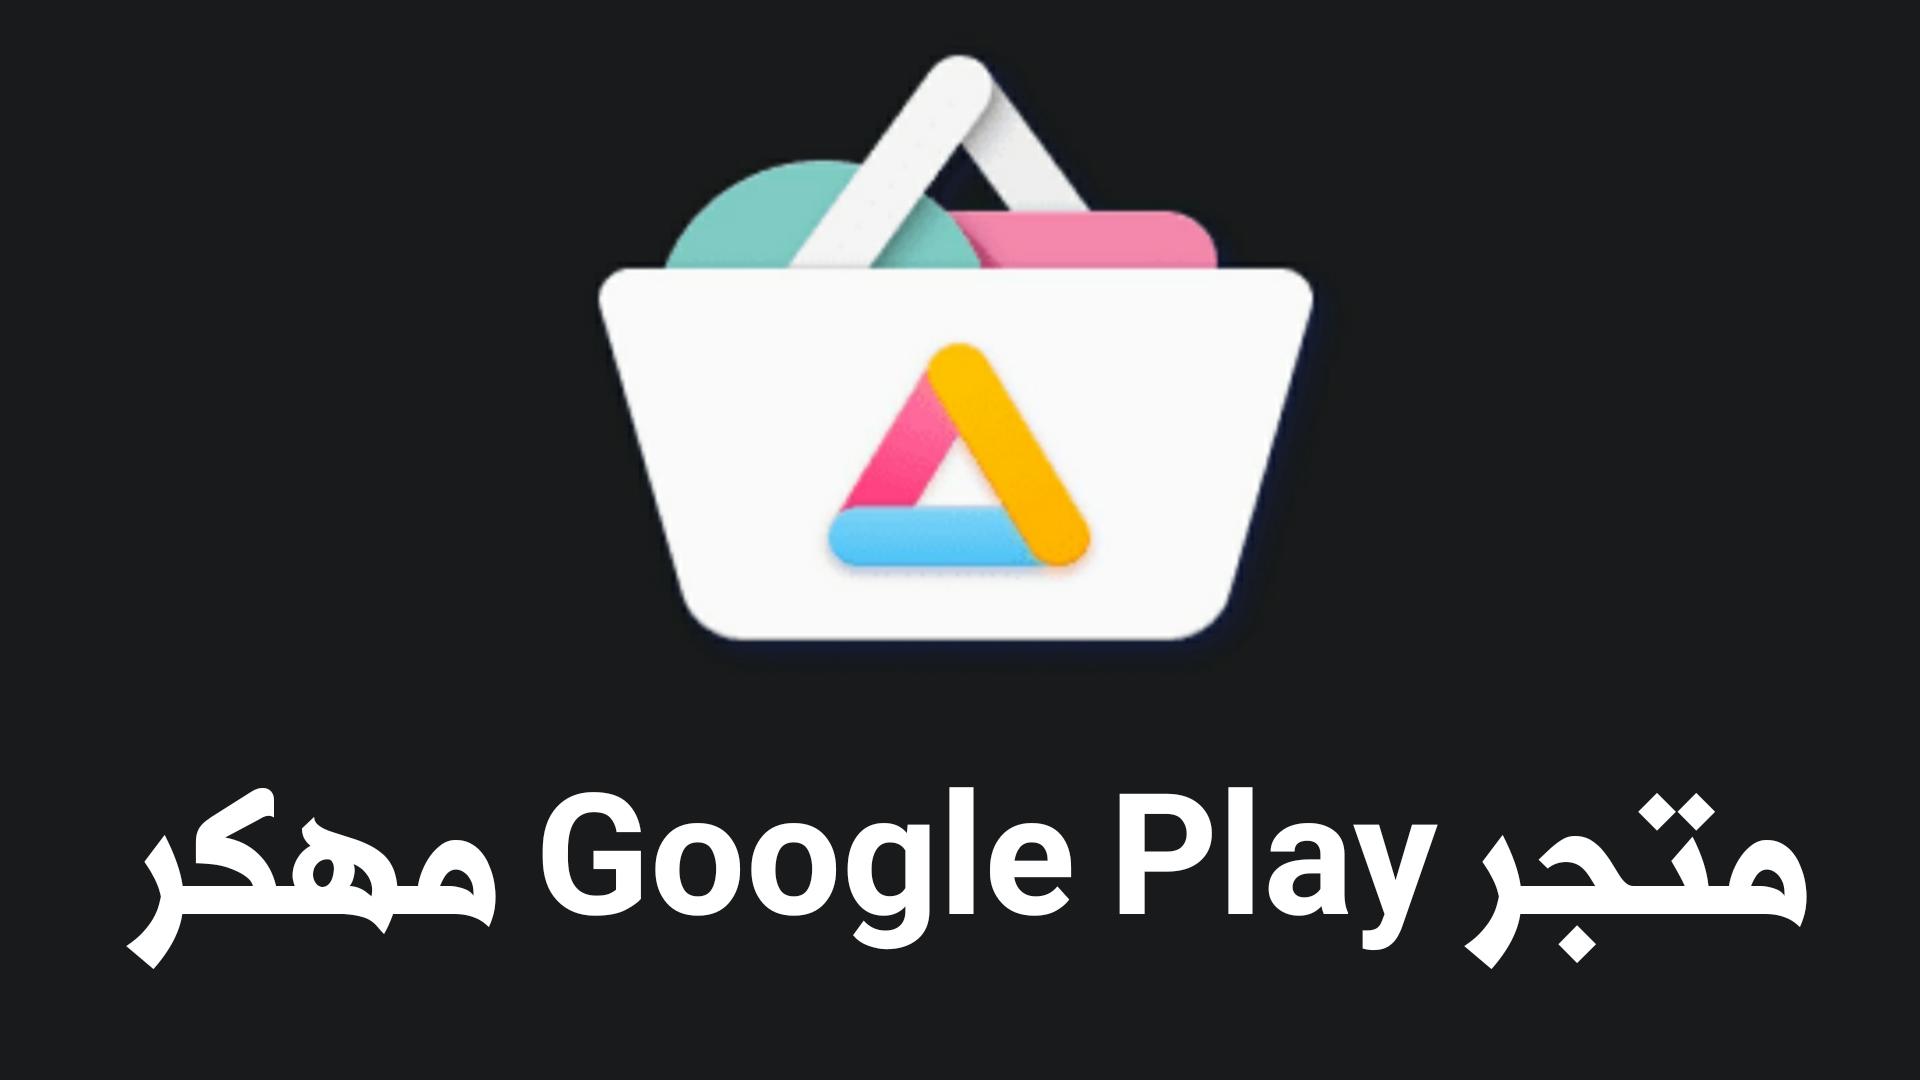 متجر Google Play مهكر لتحميل التطبيقات وألألعاب المدفوعة مجاناً